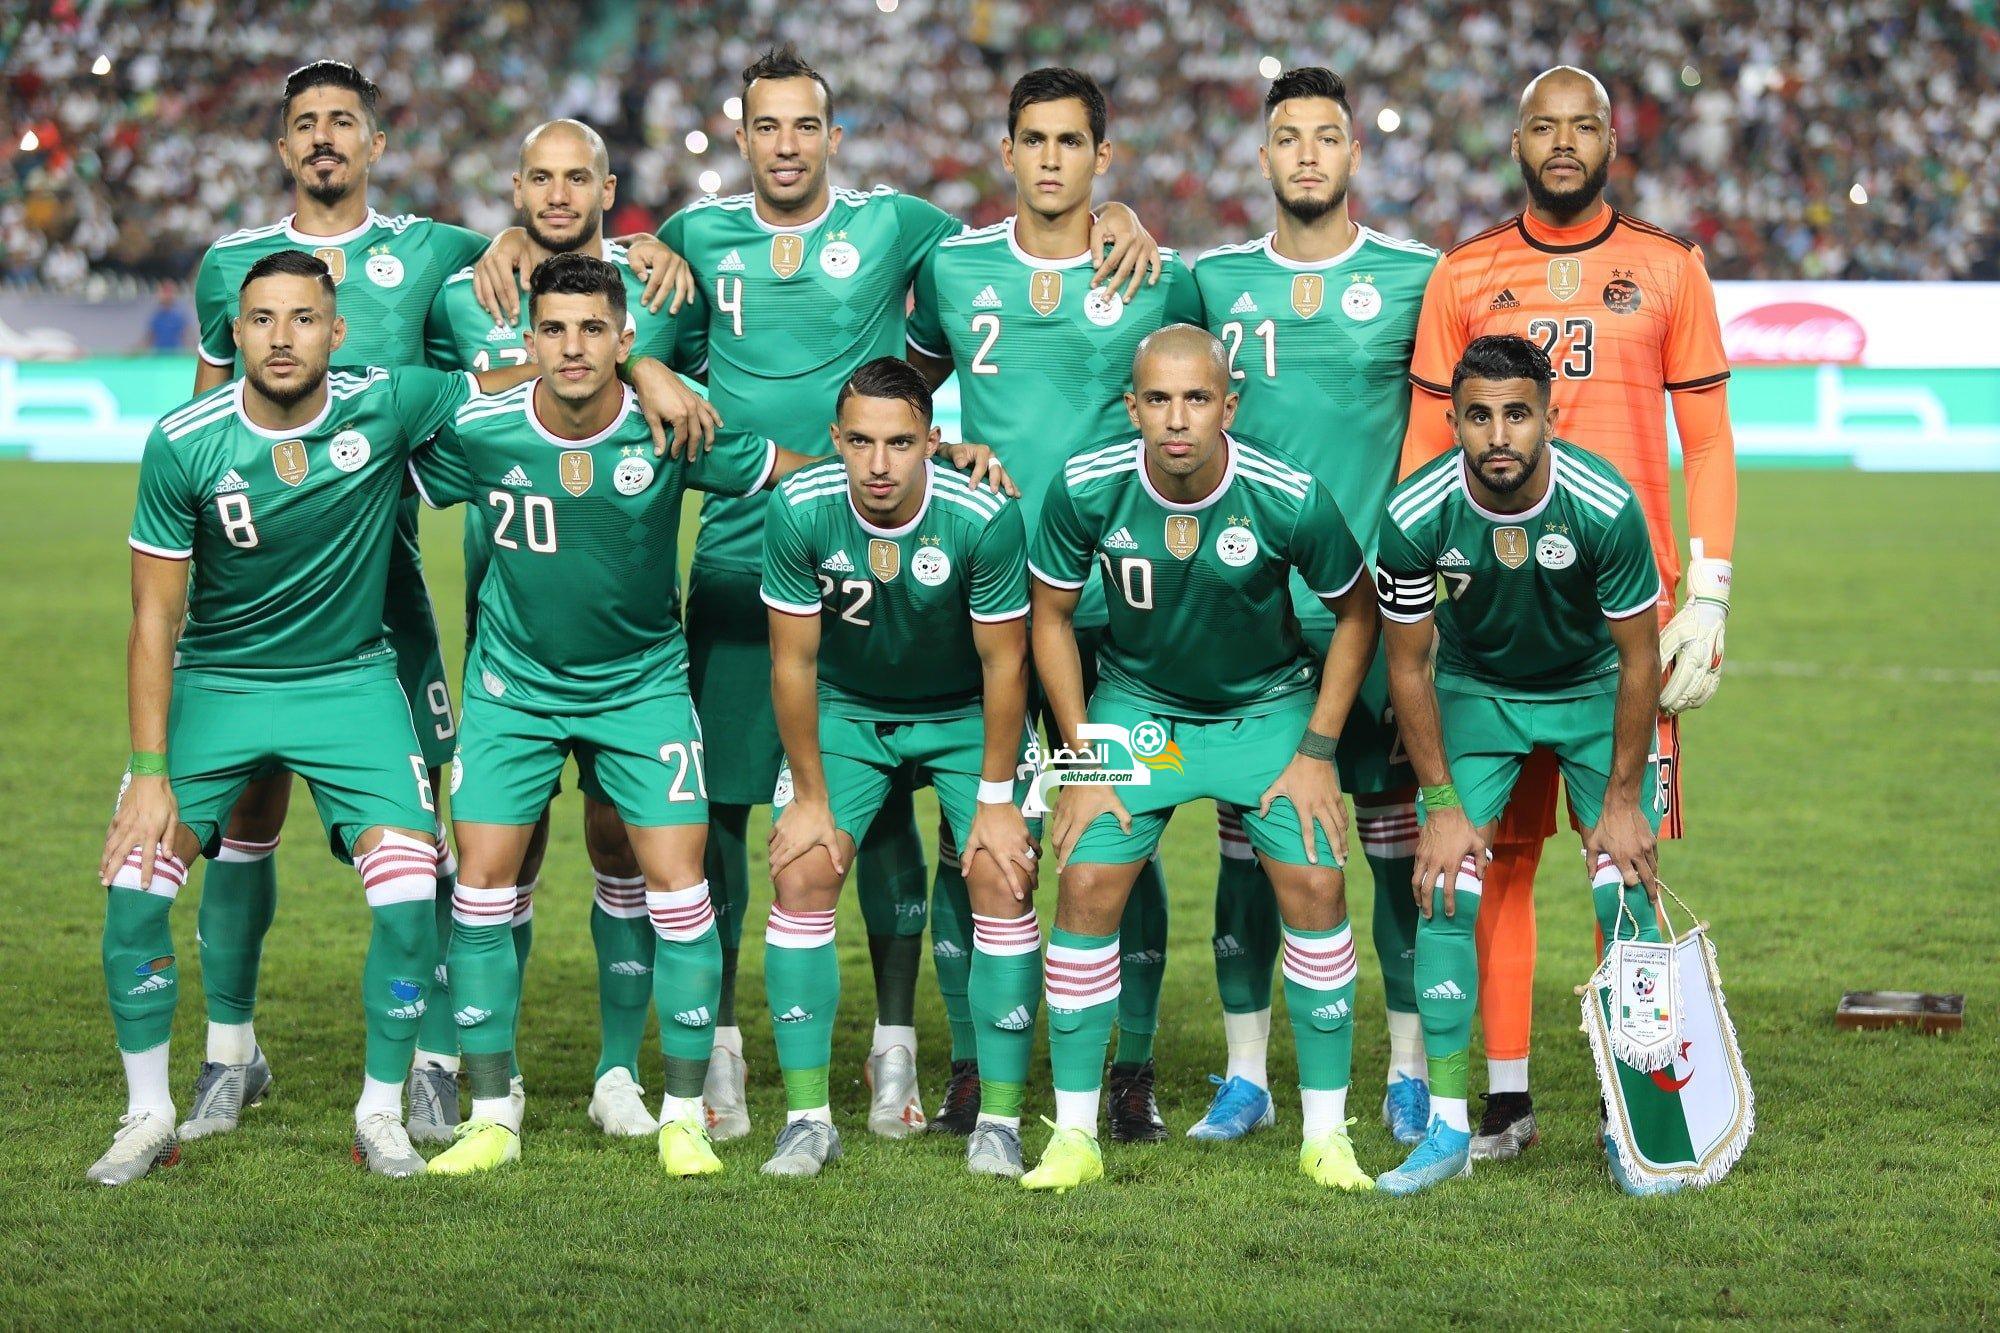 التشكيلة المتوقعة لمنتخب الجزائر ضد كولومبيا 22